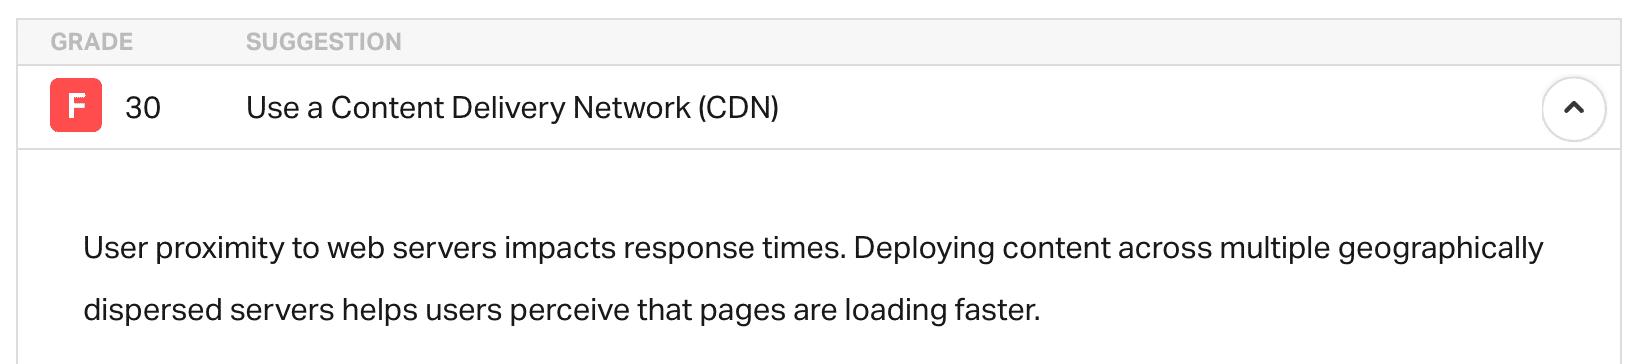 Een Content Delivery Network (CDN) gebruiken